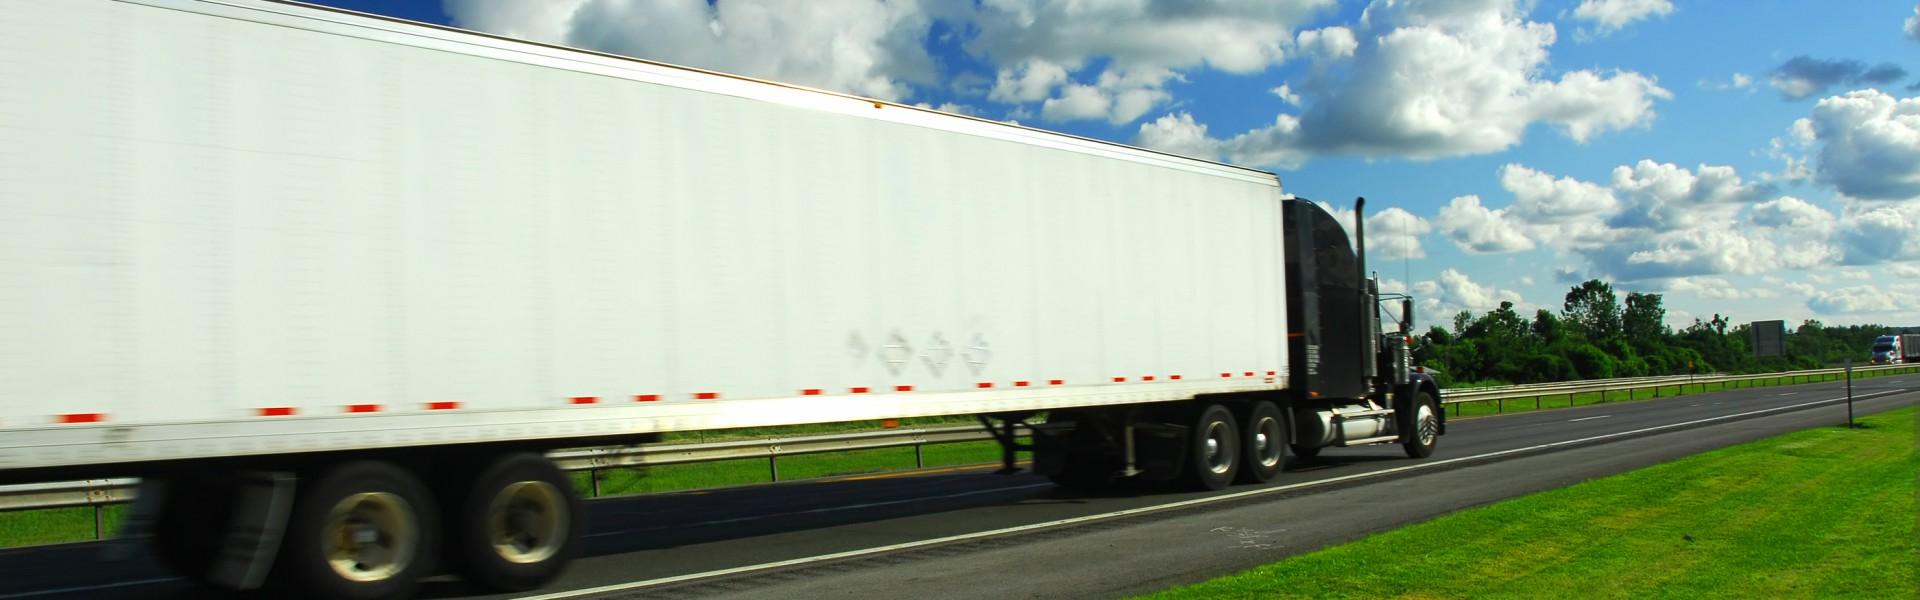 bigstock-Fast-Moving-Truck-664261-1920x600